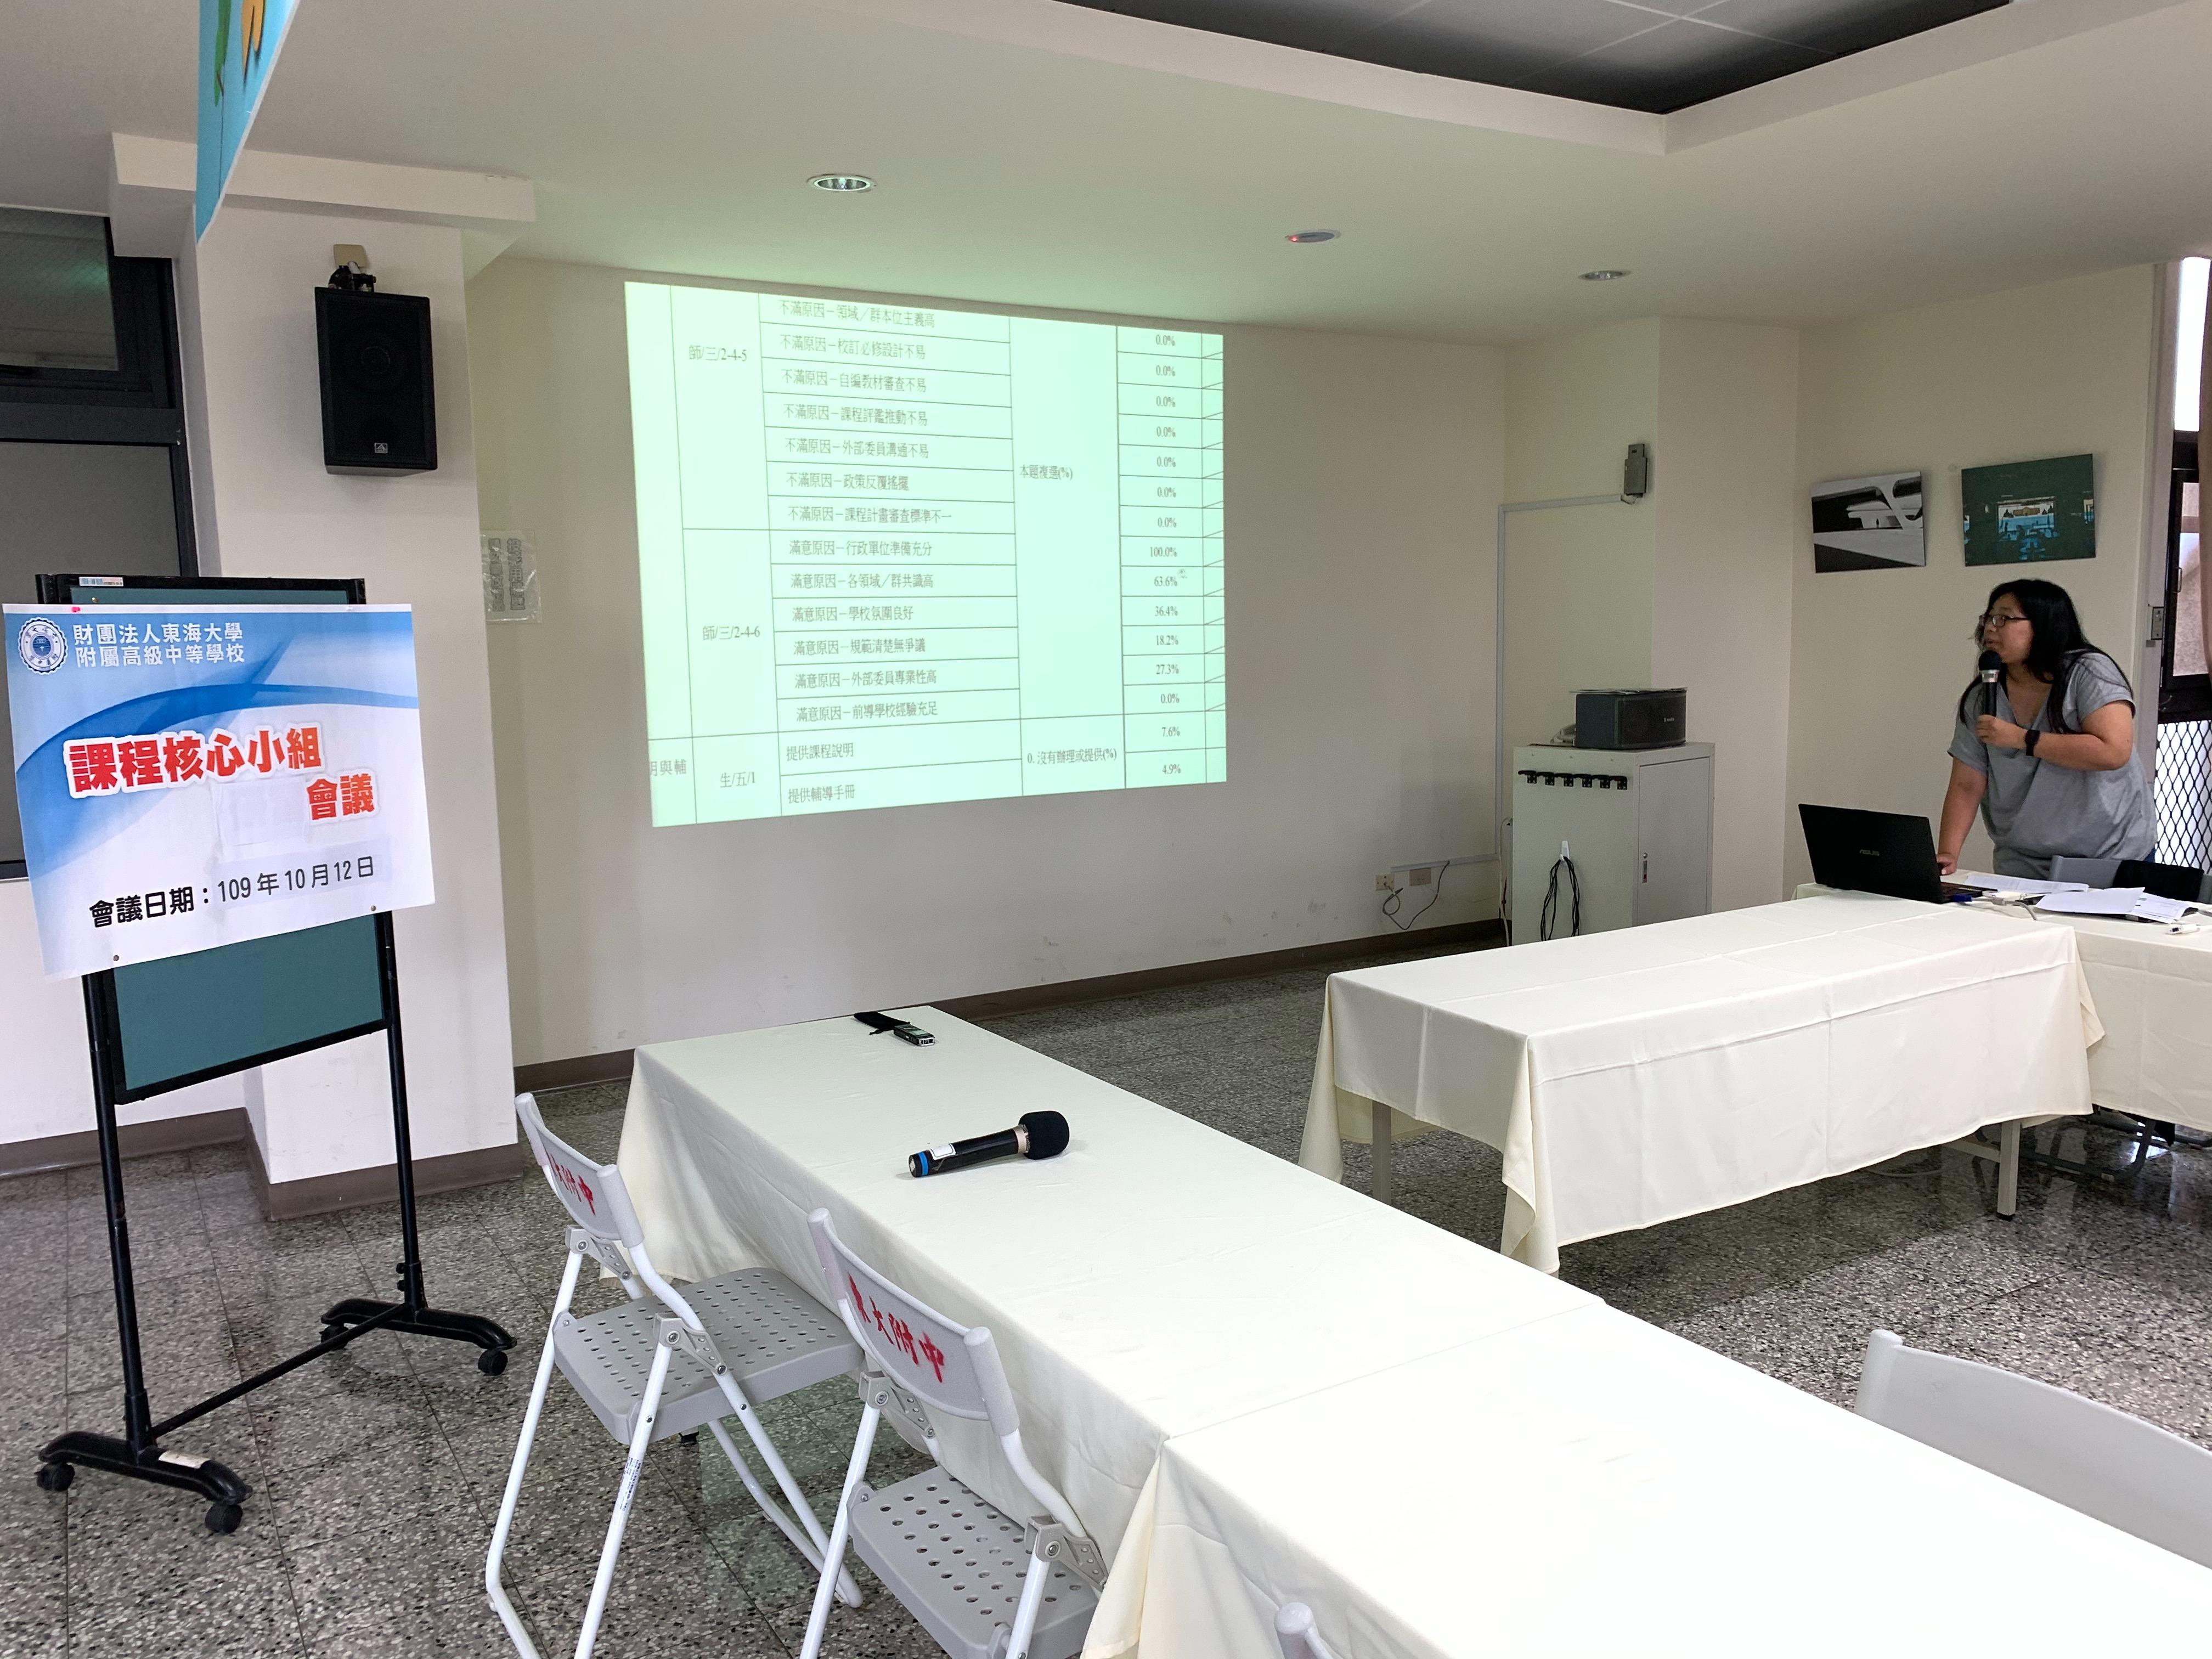 優質化-109.10.12 課程核心小組會議